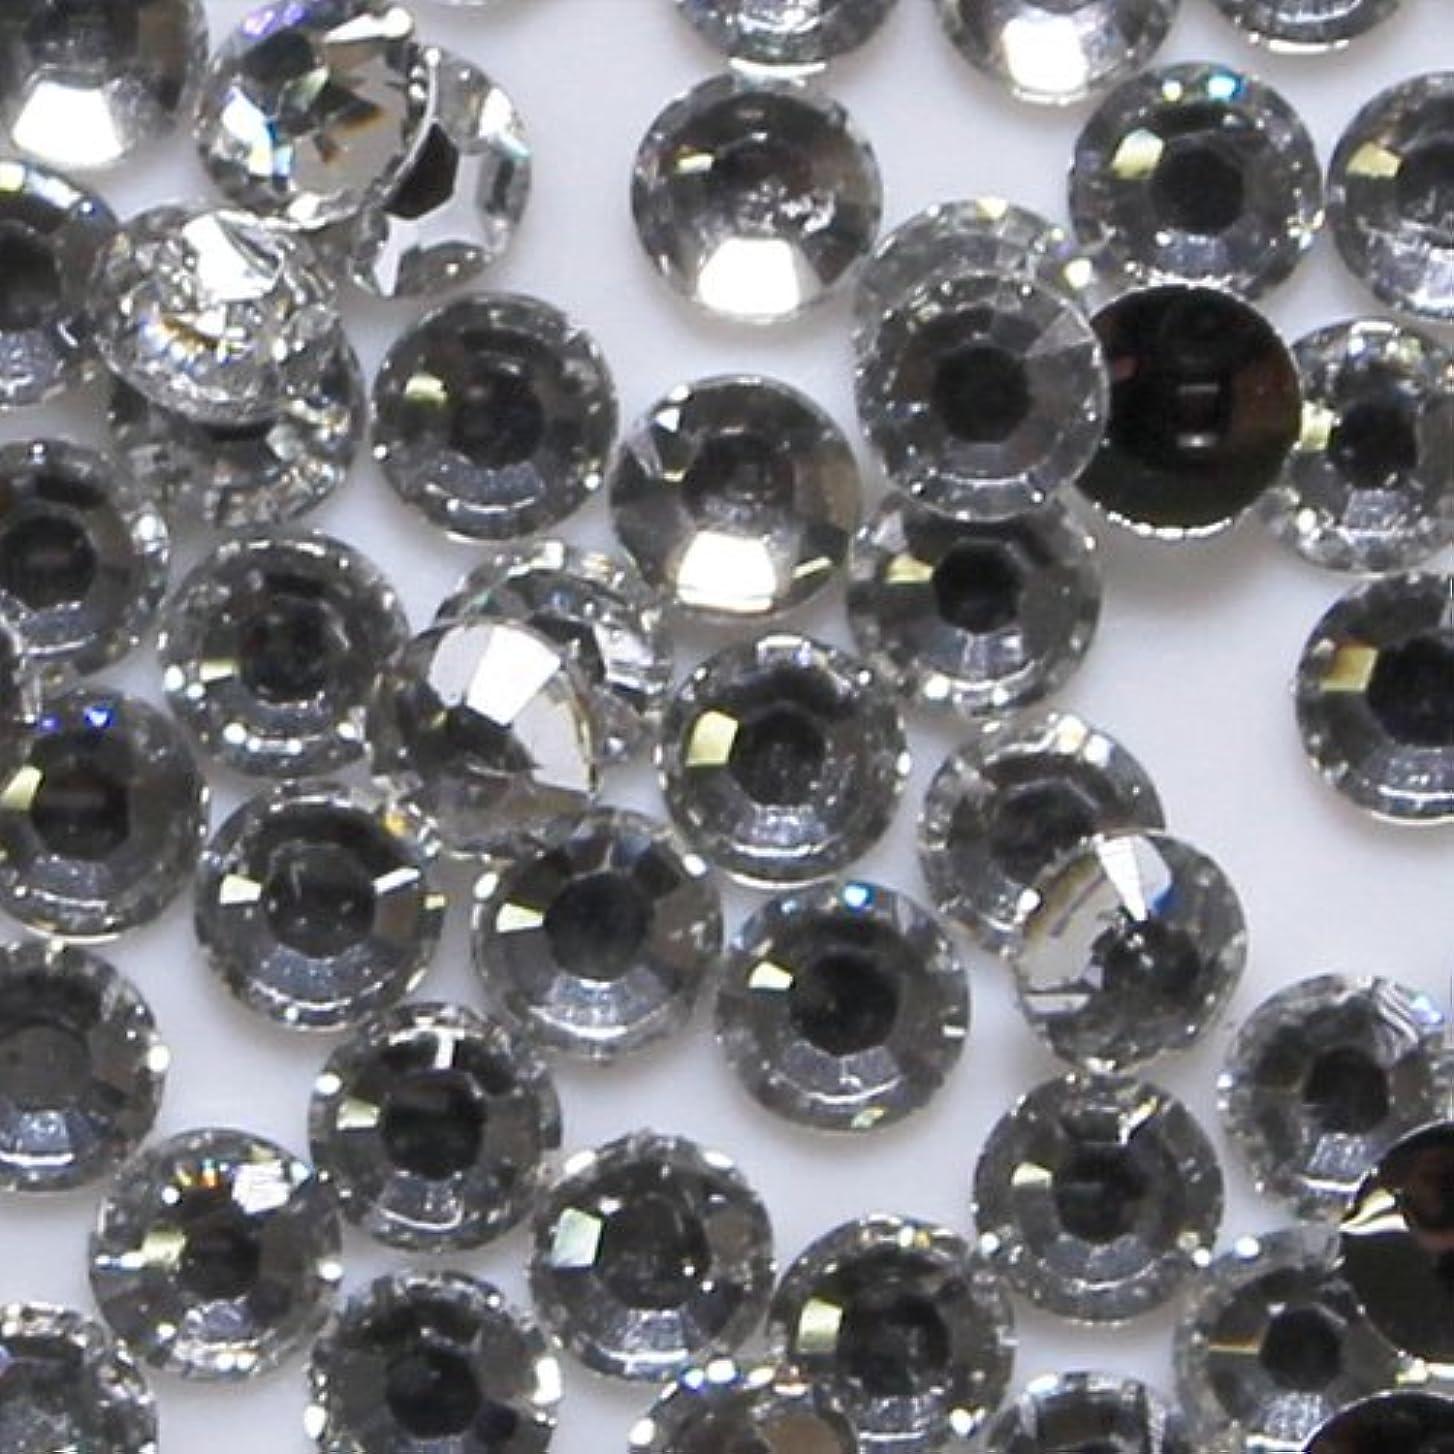 デコードする寝室影響を受けやすいです高品質 アクリルストーン ラインストーン ラウンドフラット 約1000粒入り 3mm ダイヤモンド